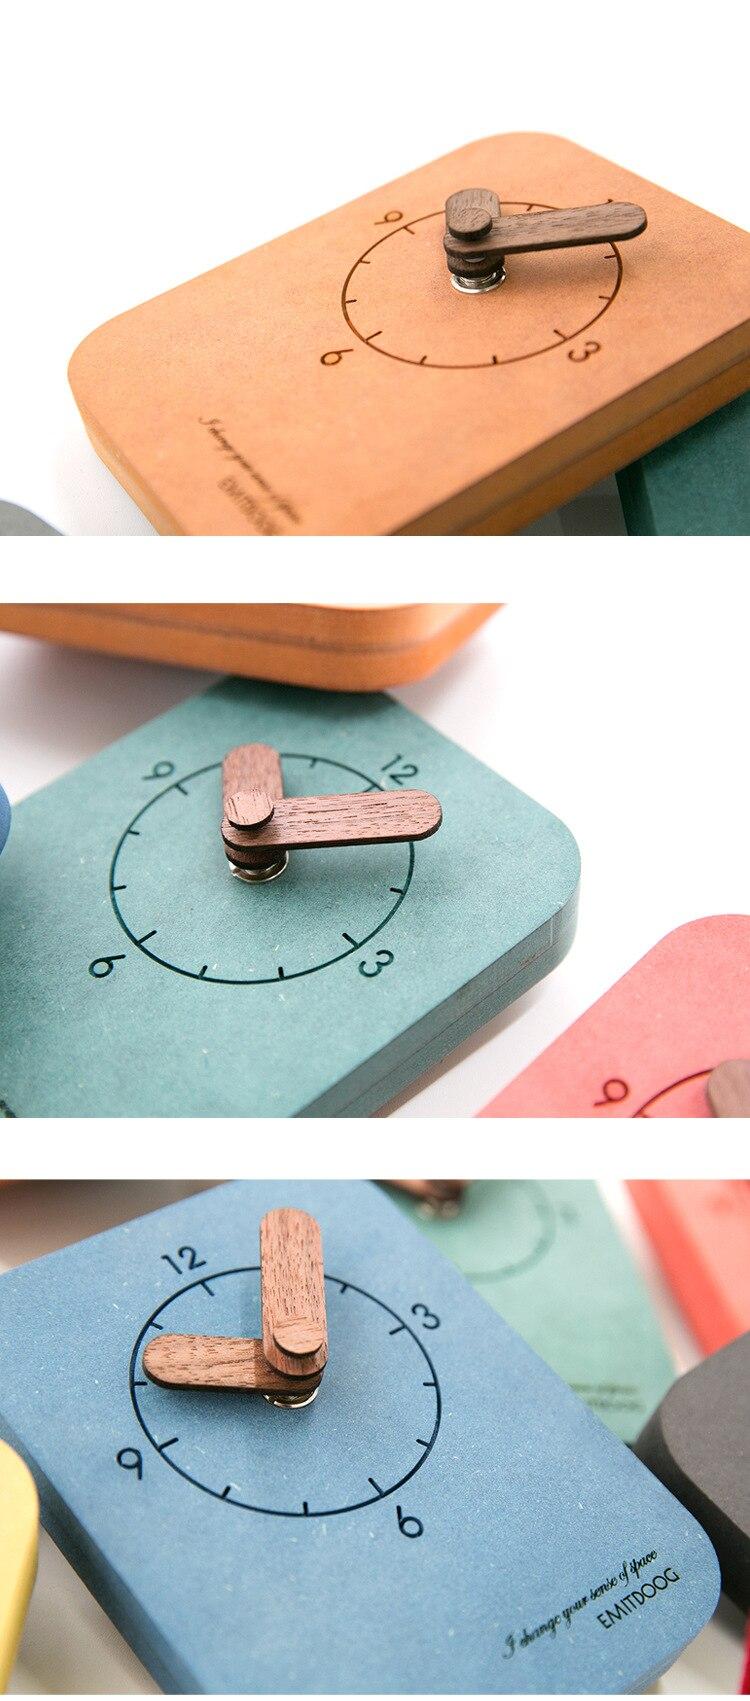 HTB15PDNbjnuK1RkSmFPq6AuzFXaR Table Clocks Modern Design Creative Living Room Children's Room